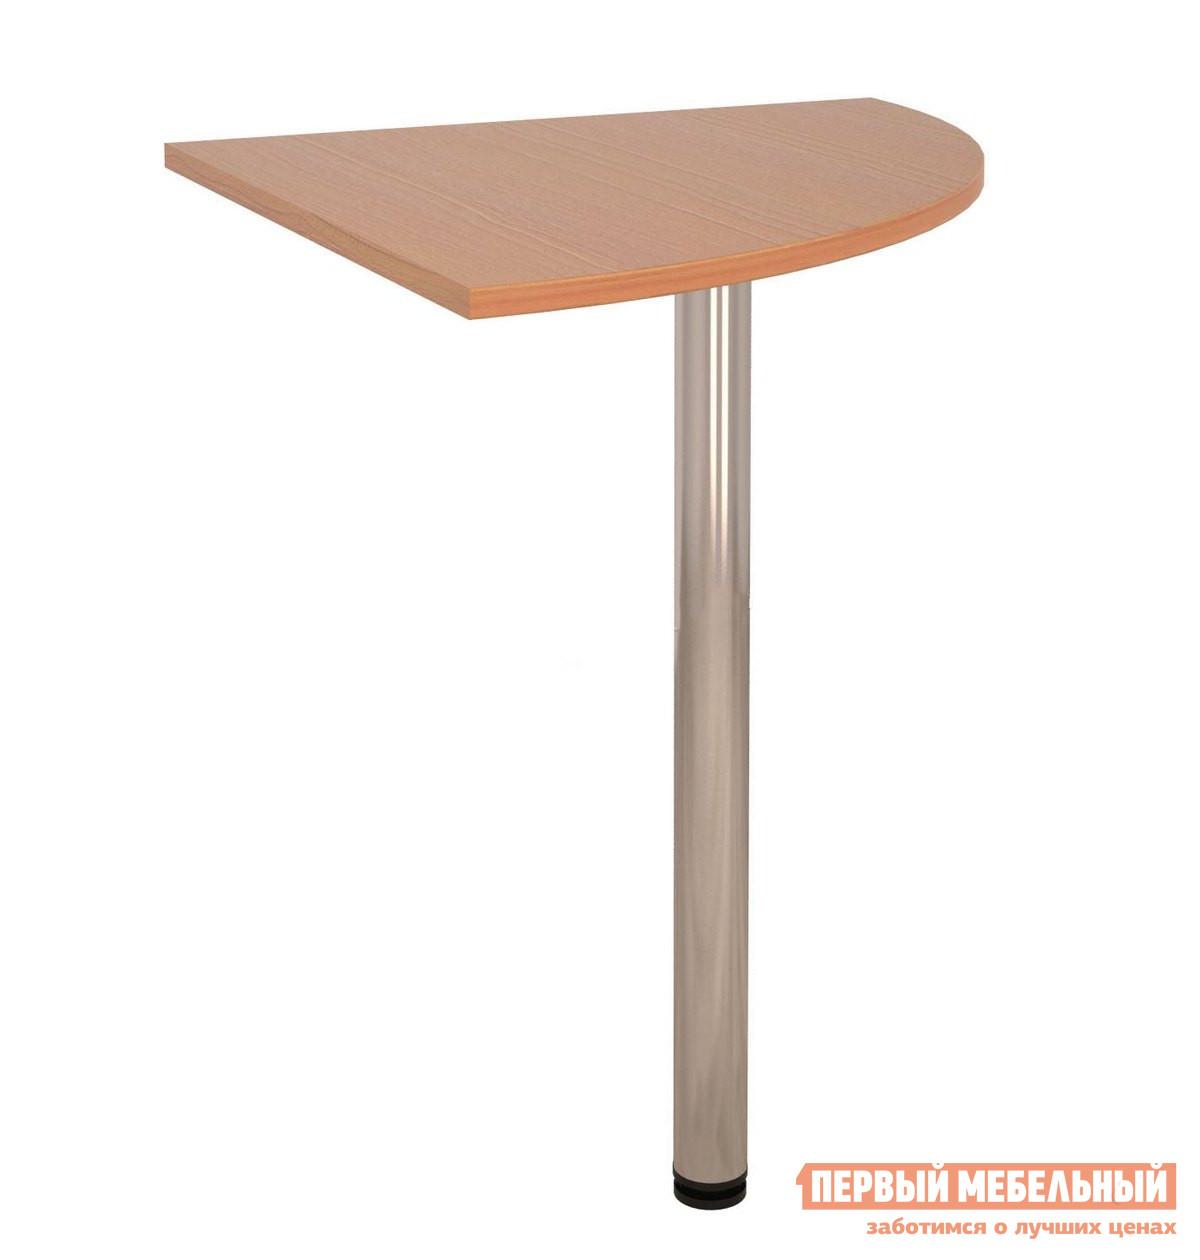 Стол-приставка Витра 61(62).12 письменный стол витра 61 62 19